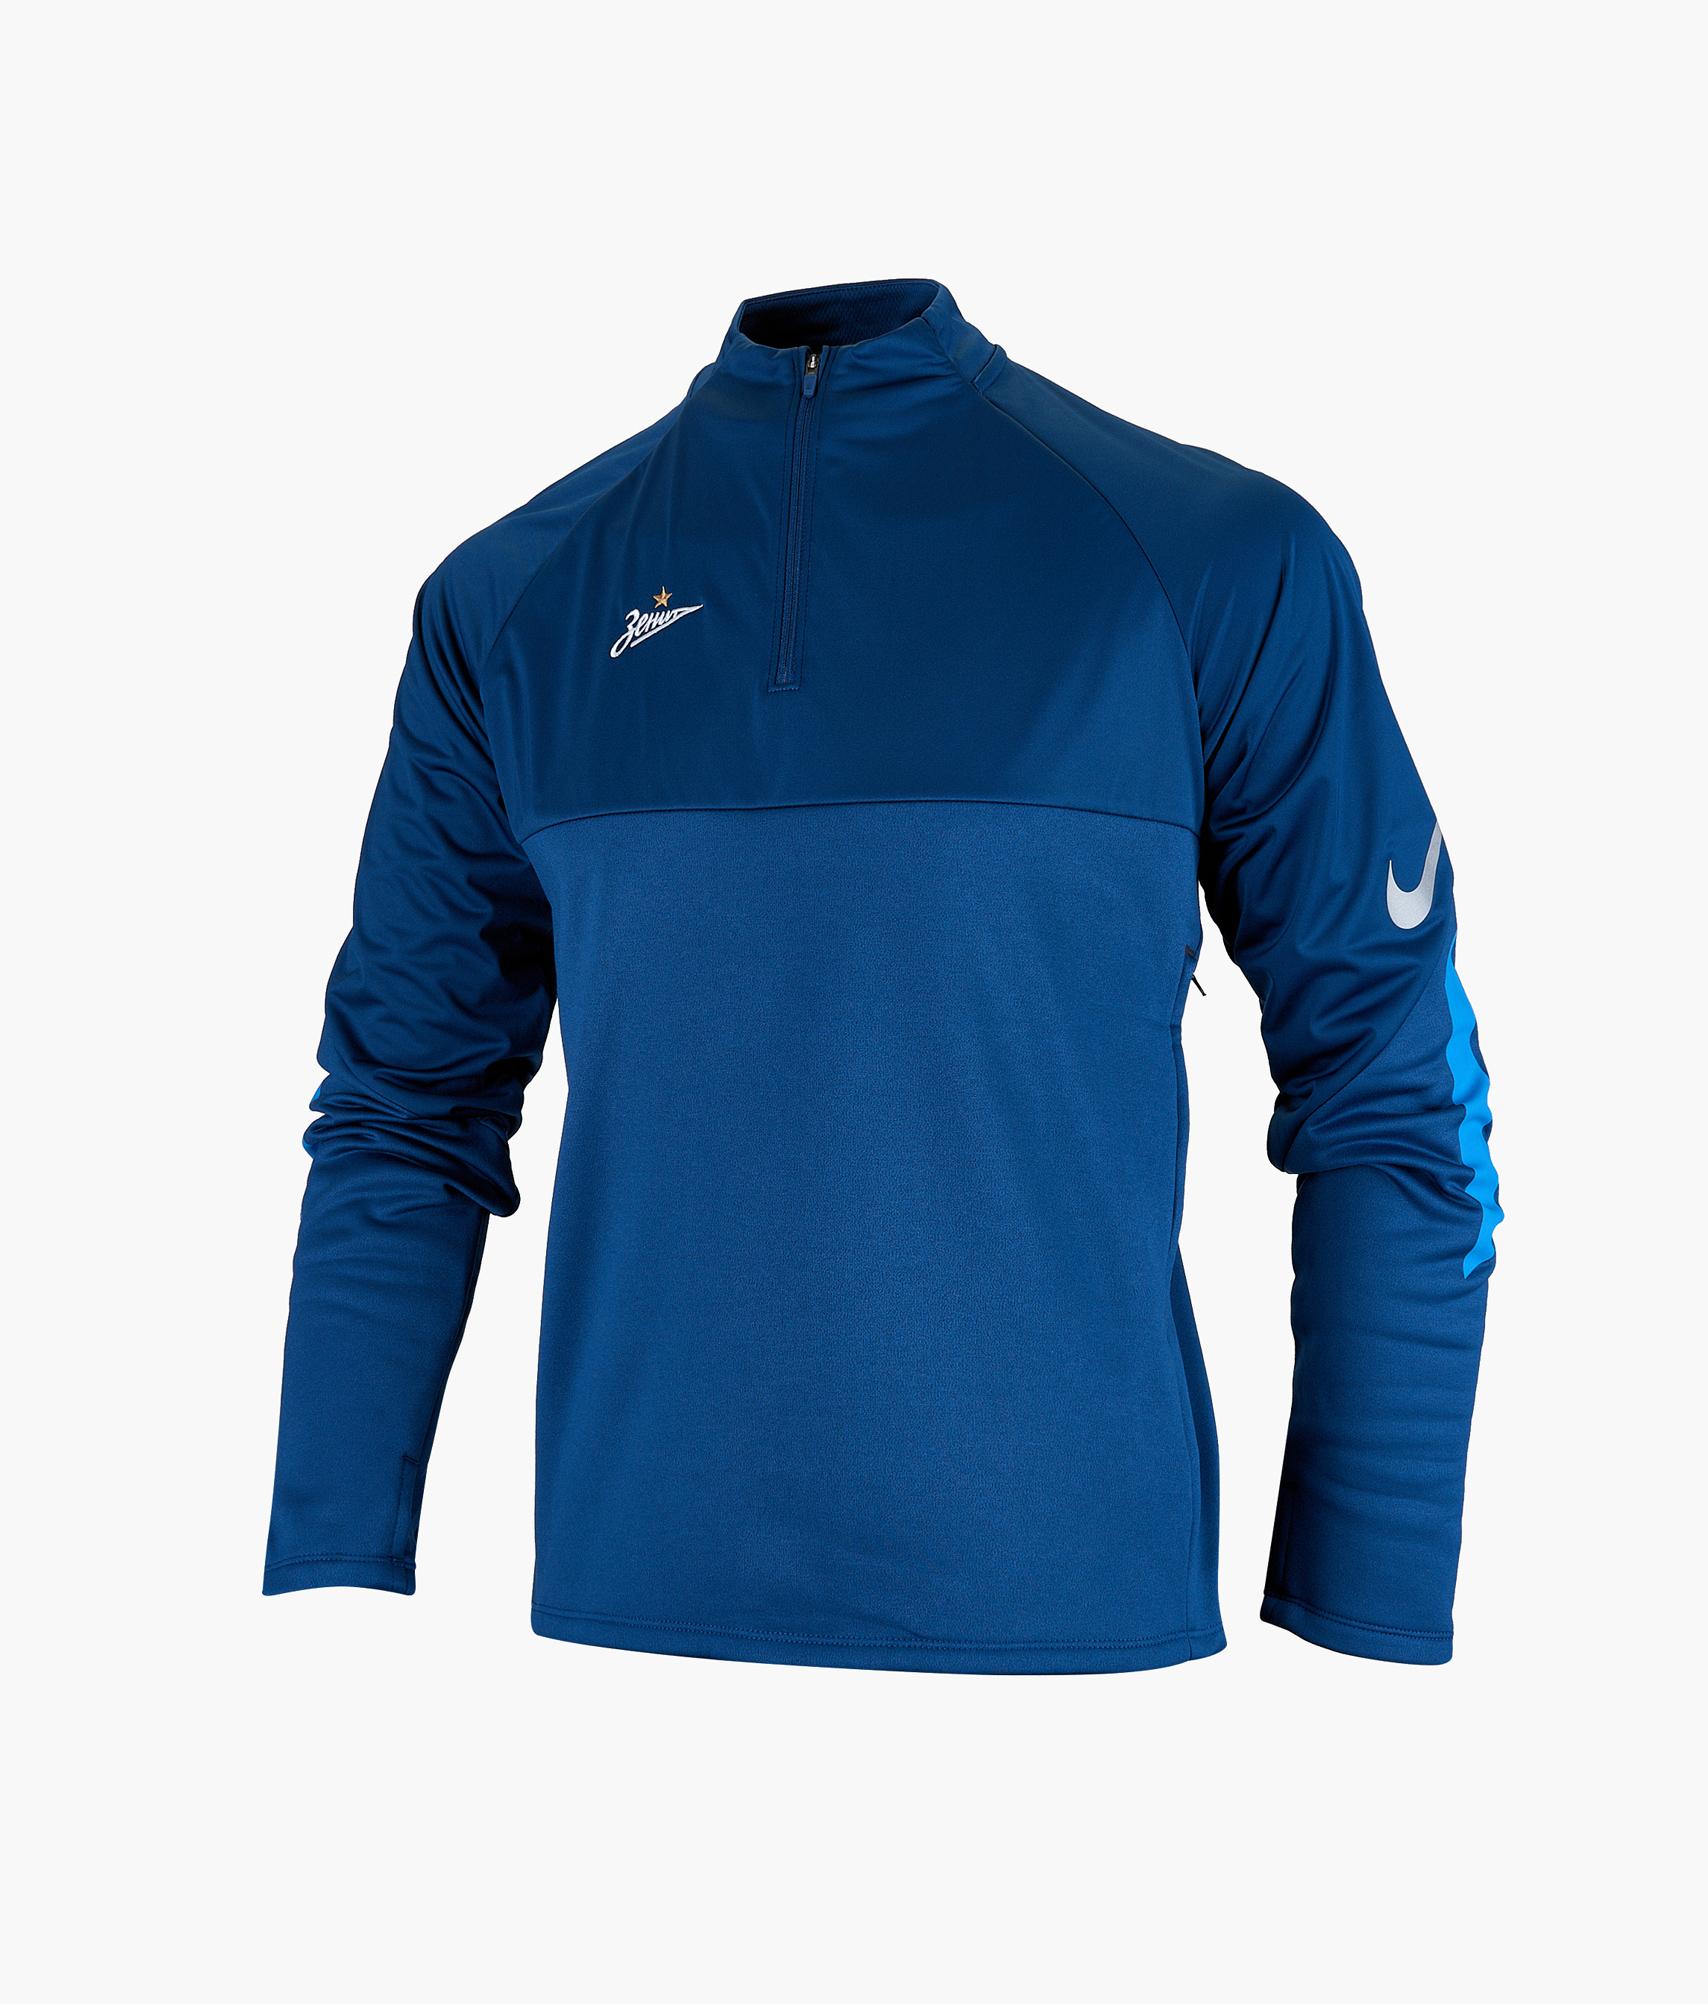 Джемпер подростковый Nike Nike Цвет-Синий